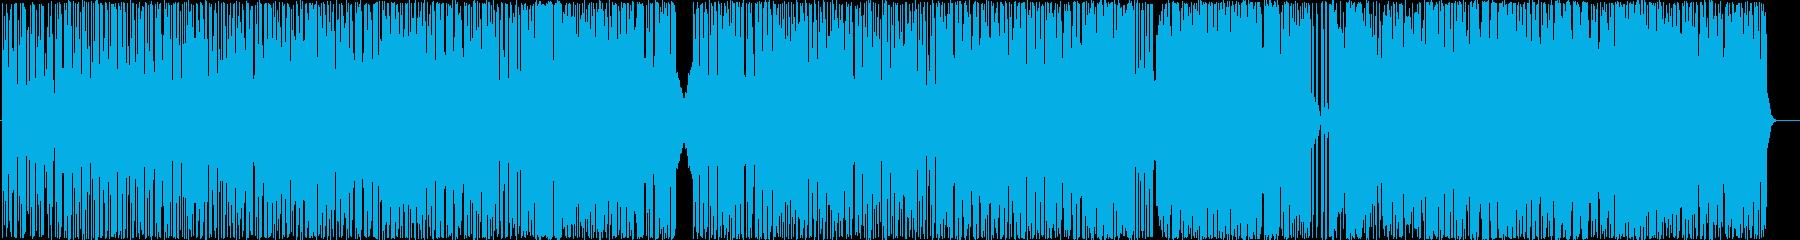 ニューエイジ、スムースジャズ、ピア...の再生済みの波形